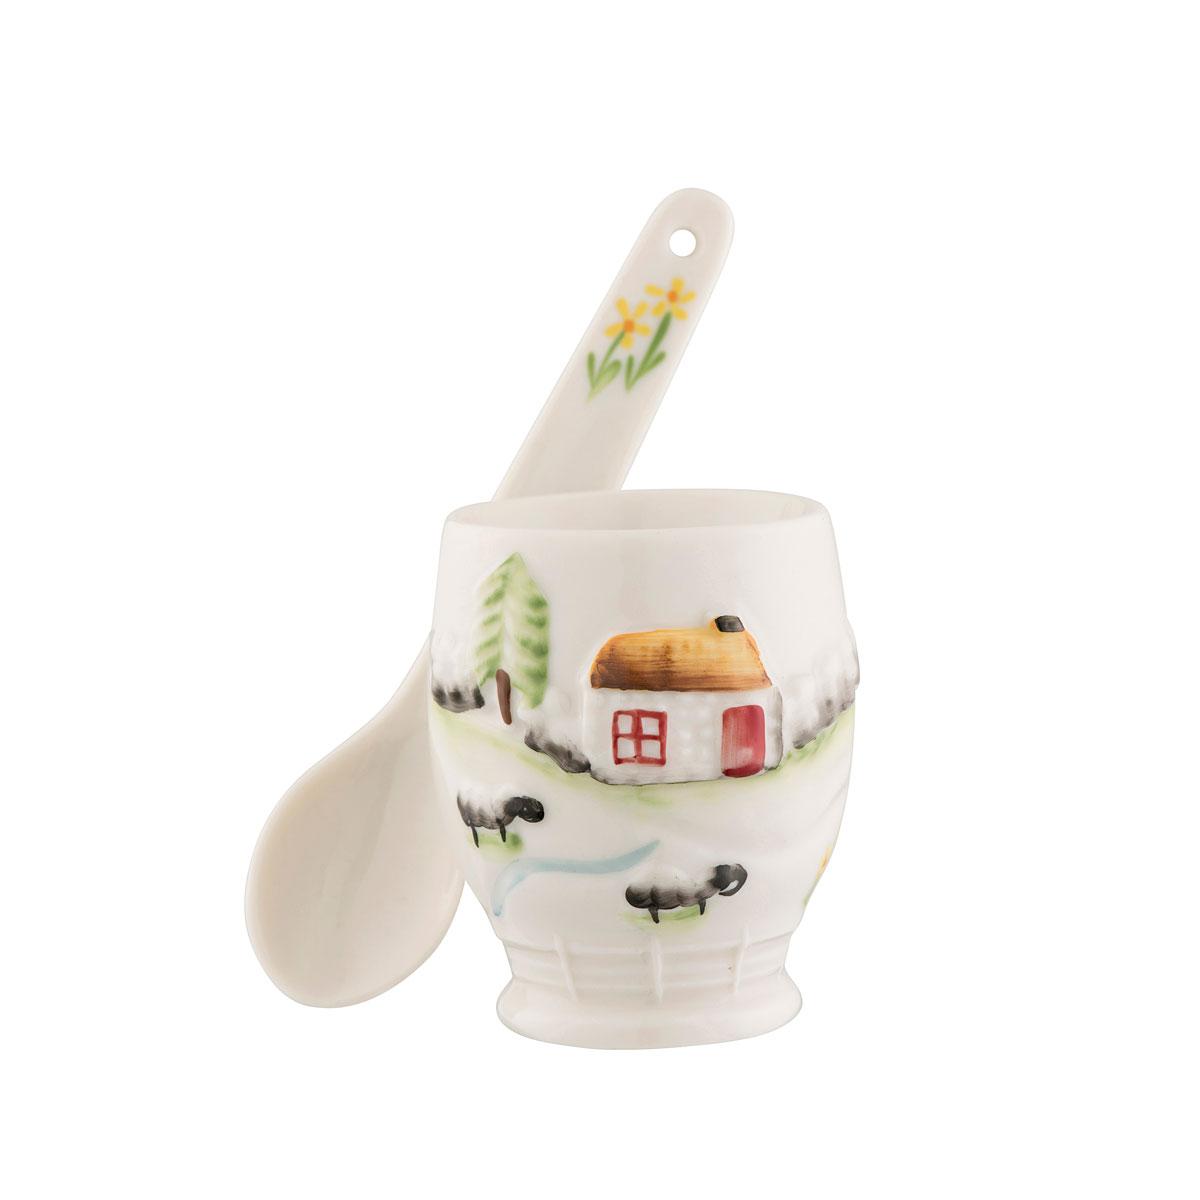 Belleek Connemara Egg Cup and Spoon